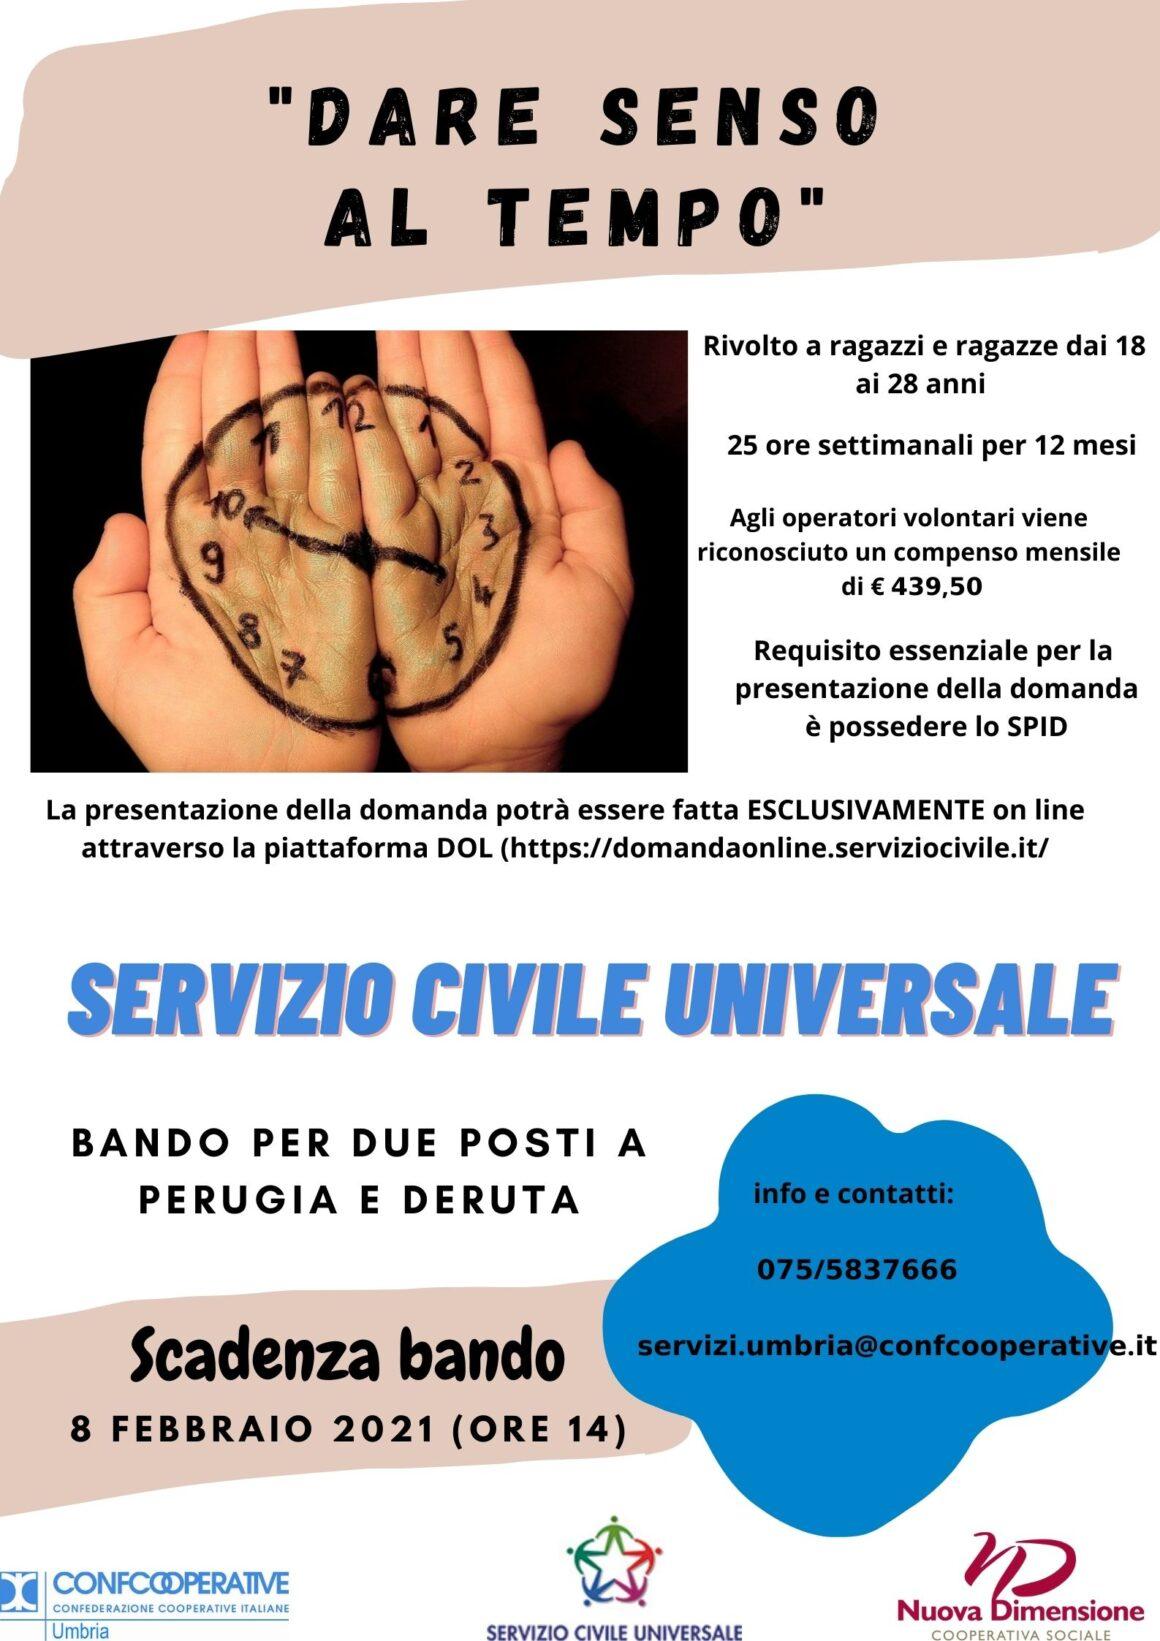 PUBBLICATO IL BANDO SERVIZIO CIVILE UNIVERSALE 2021